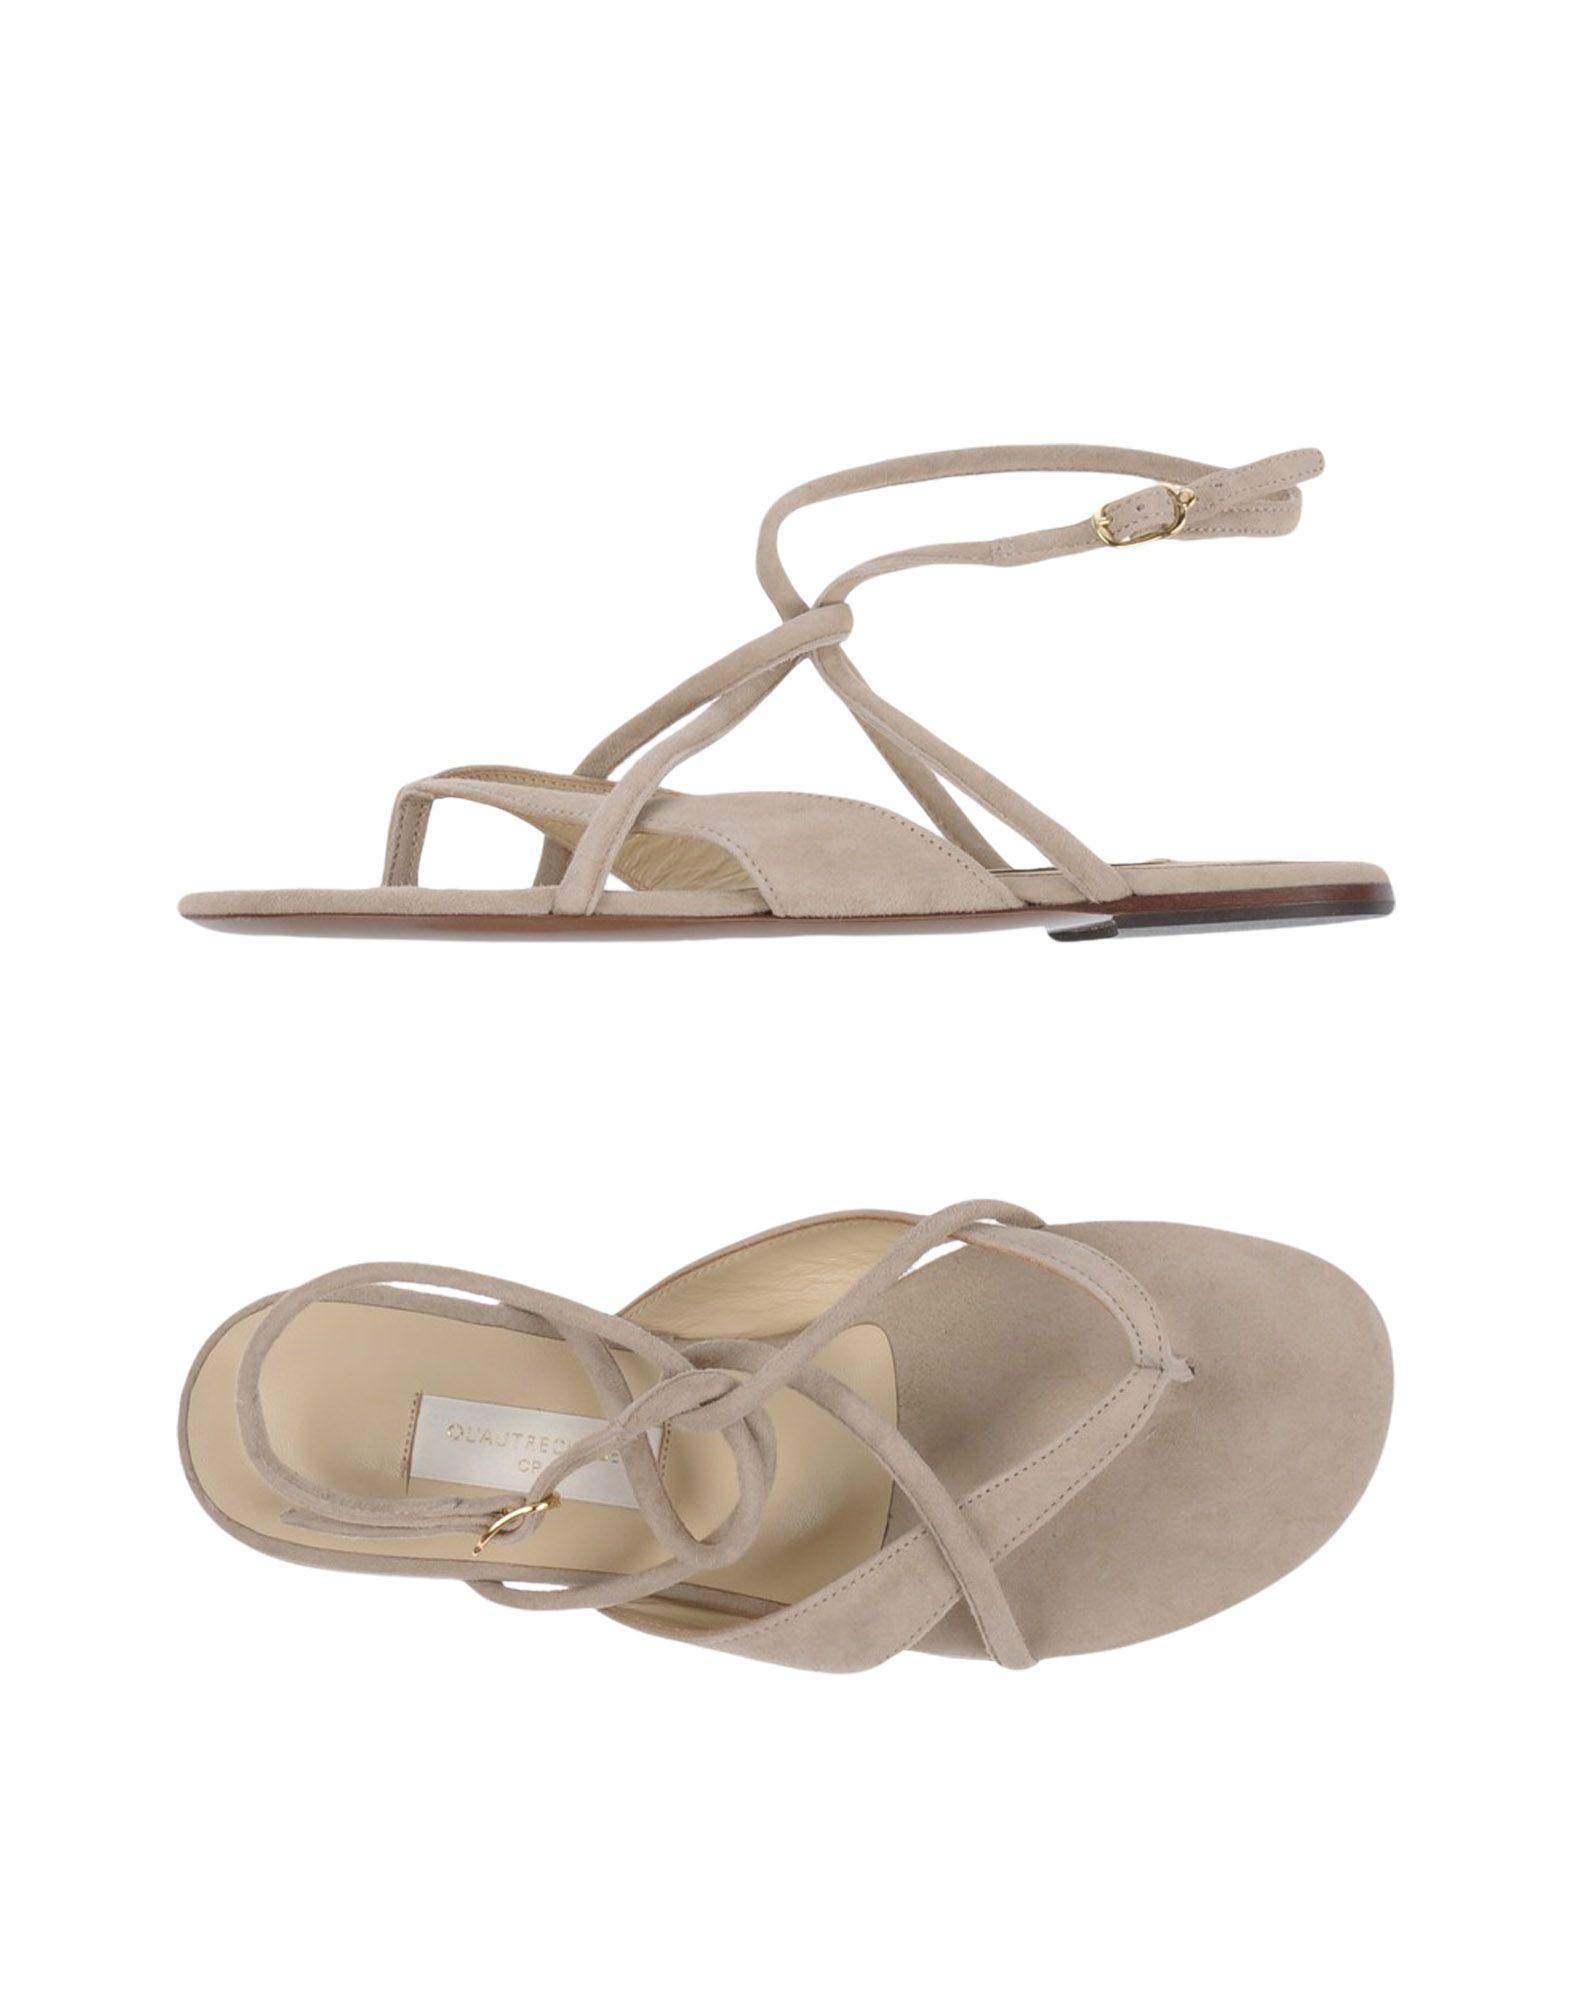 L' Autre Women Chose Flip Flops - Women Autre L' Autre Chose Flip Flops online on  Australia - 11139938PQ 5bfc32